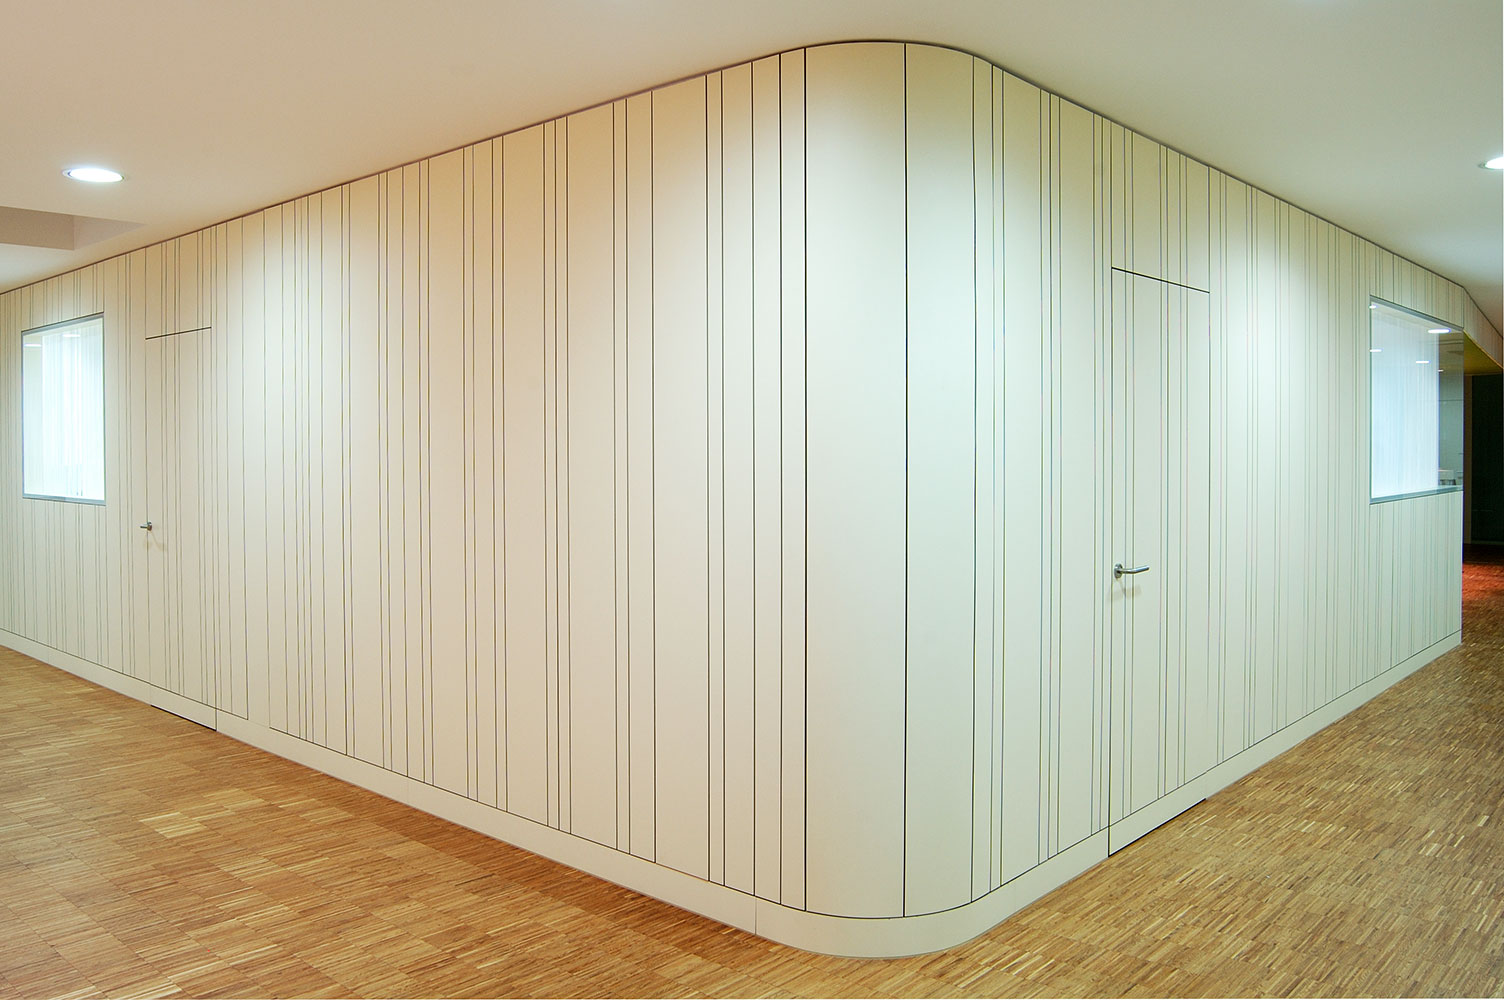 Küche Wand ist nett ideen für ihr haus design ideen